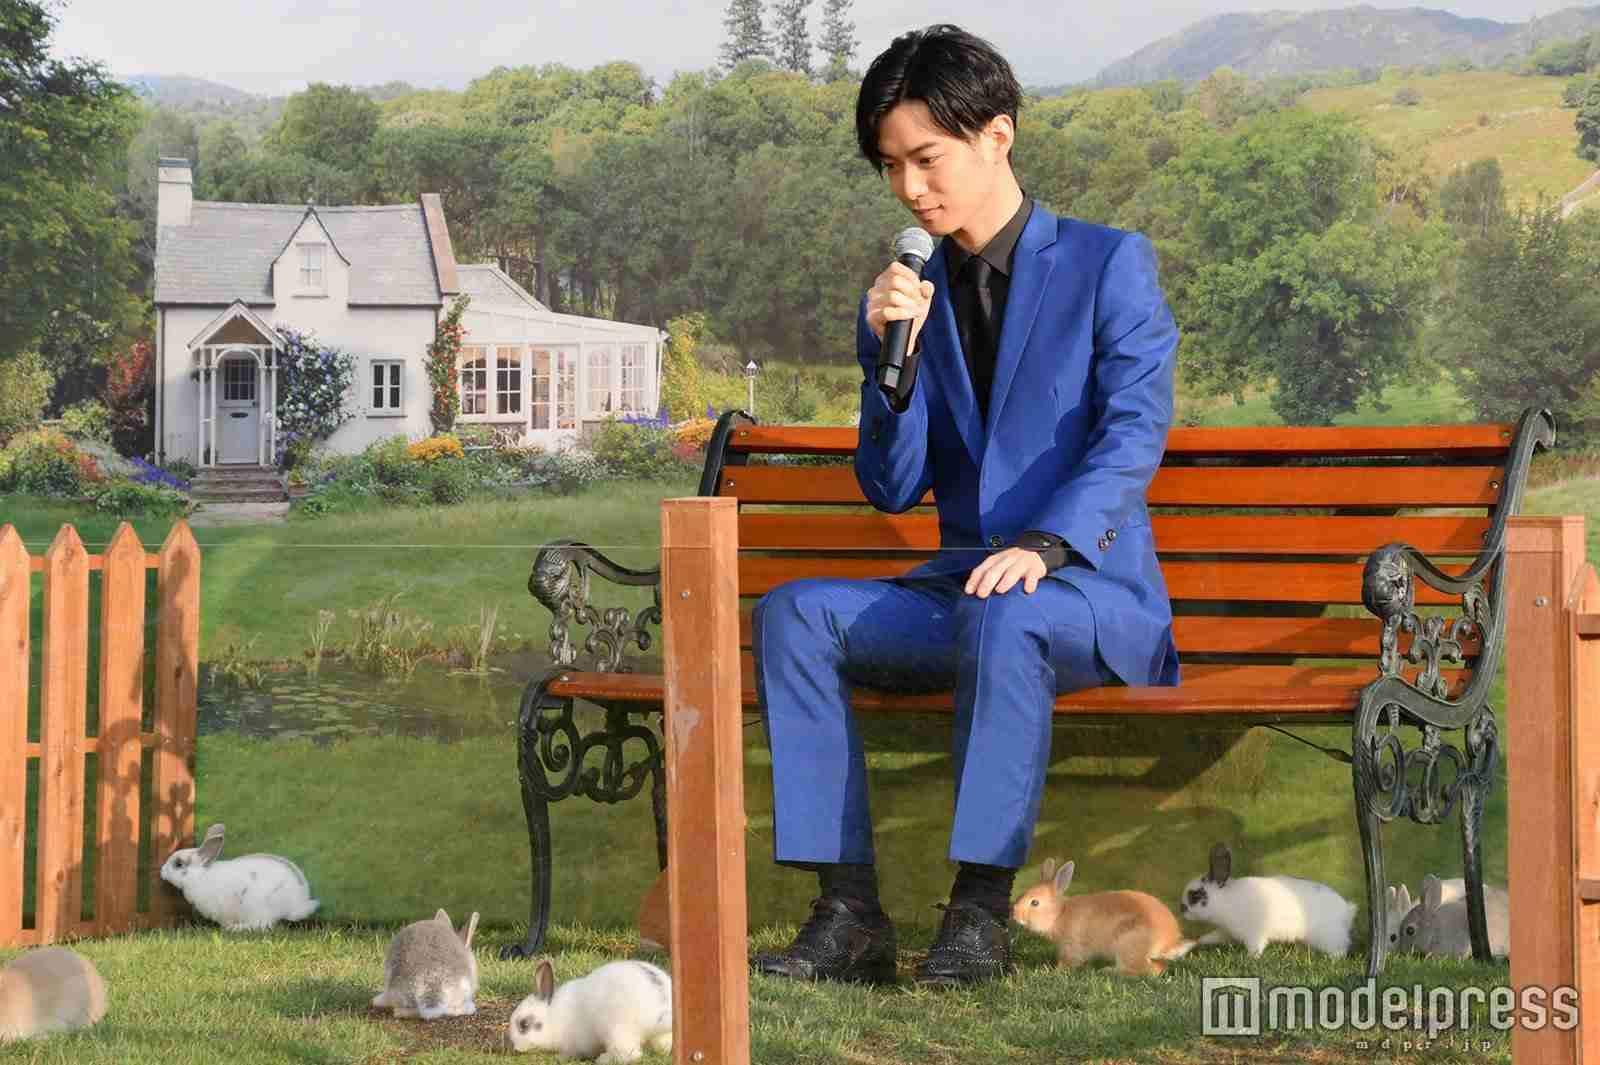 千葉雄大、ウサギに囲まれる 愛されキャラは「僕と同じ」